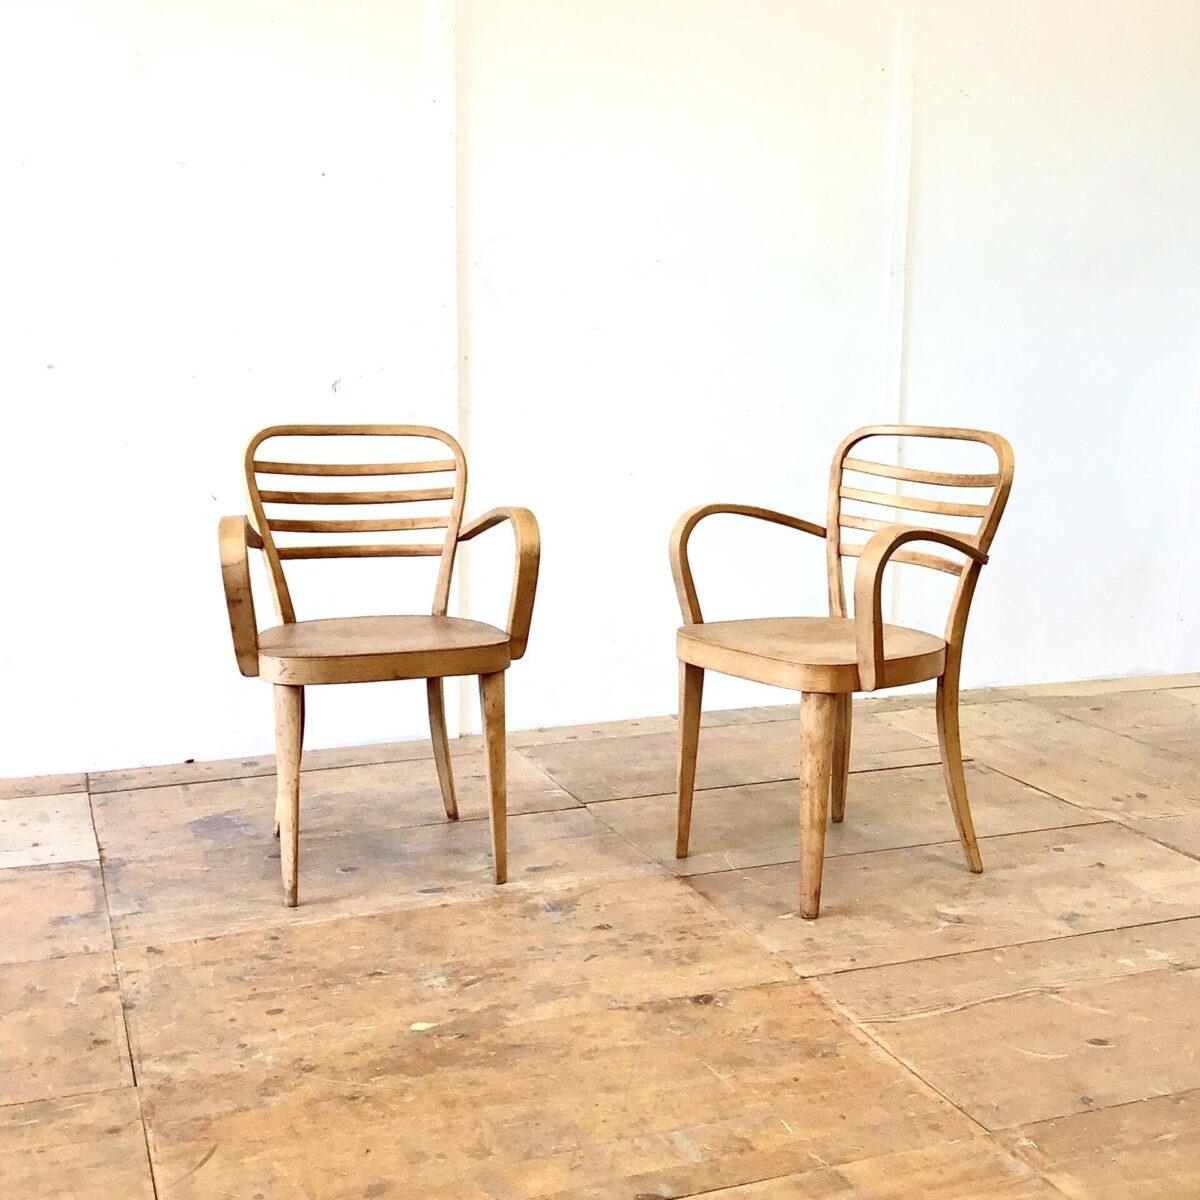 Deuxieme.shop Zwei Armlehnstühle aus Italien. Formschöne Verarbeitung, bequem und in stabilem Zustand. Die Stühle wurden wohl mal geschliffen und frisch, mit mattem Lack, lackiert. Die Alterspatina ist noch schön erhalten.